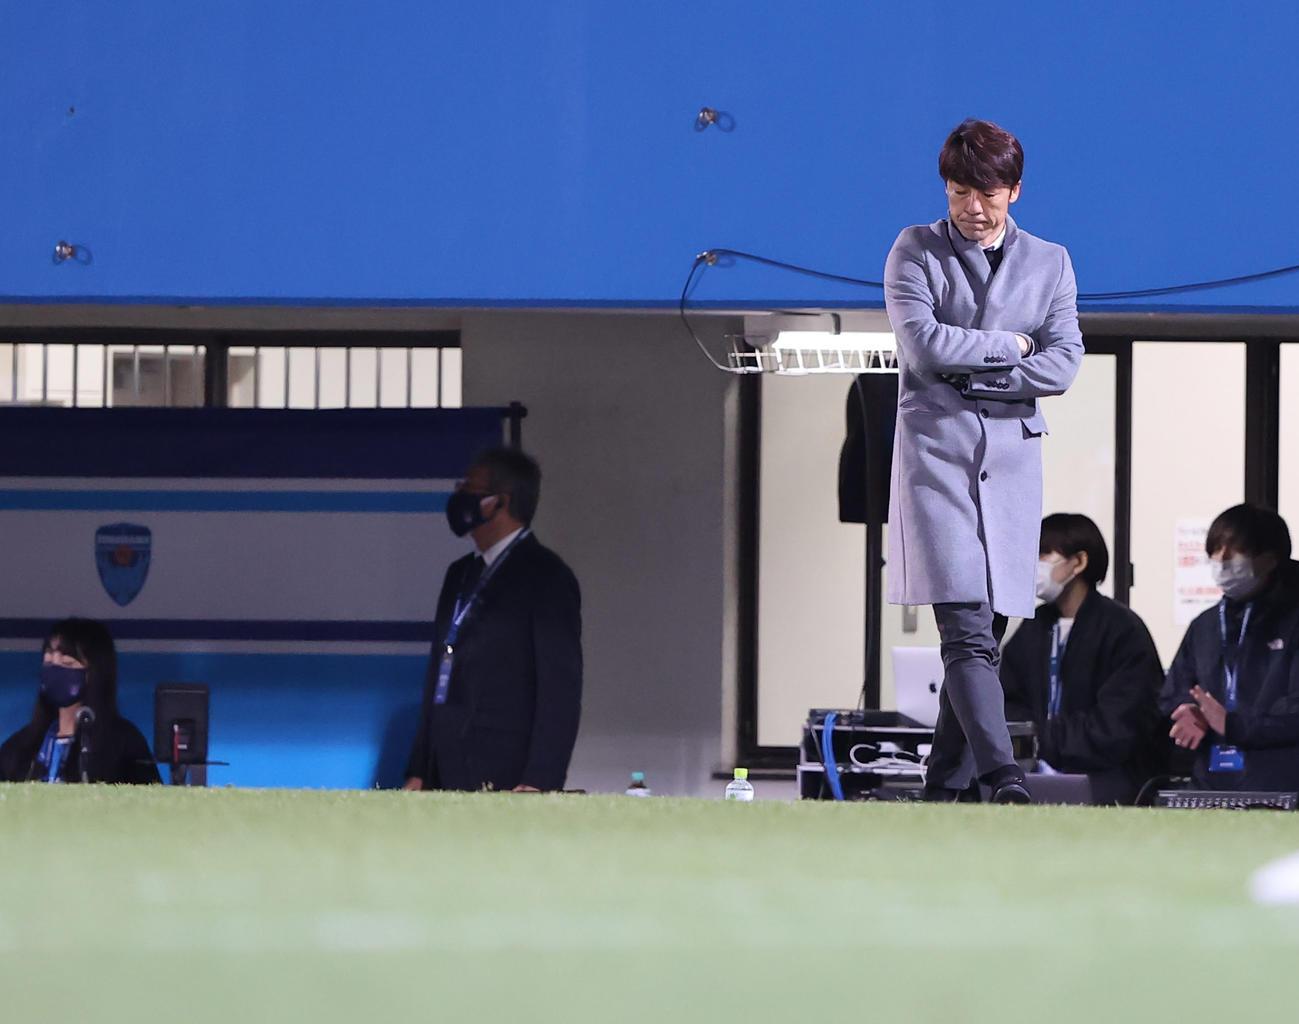 横浜FC対広島 後半、うつむき考え込む横浜FC下平監督(撮影・垰建太)